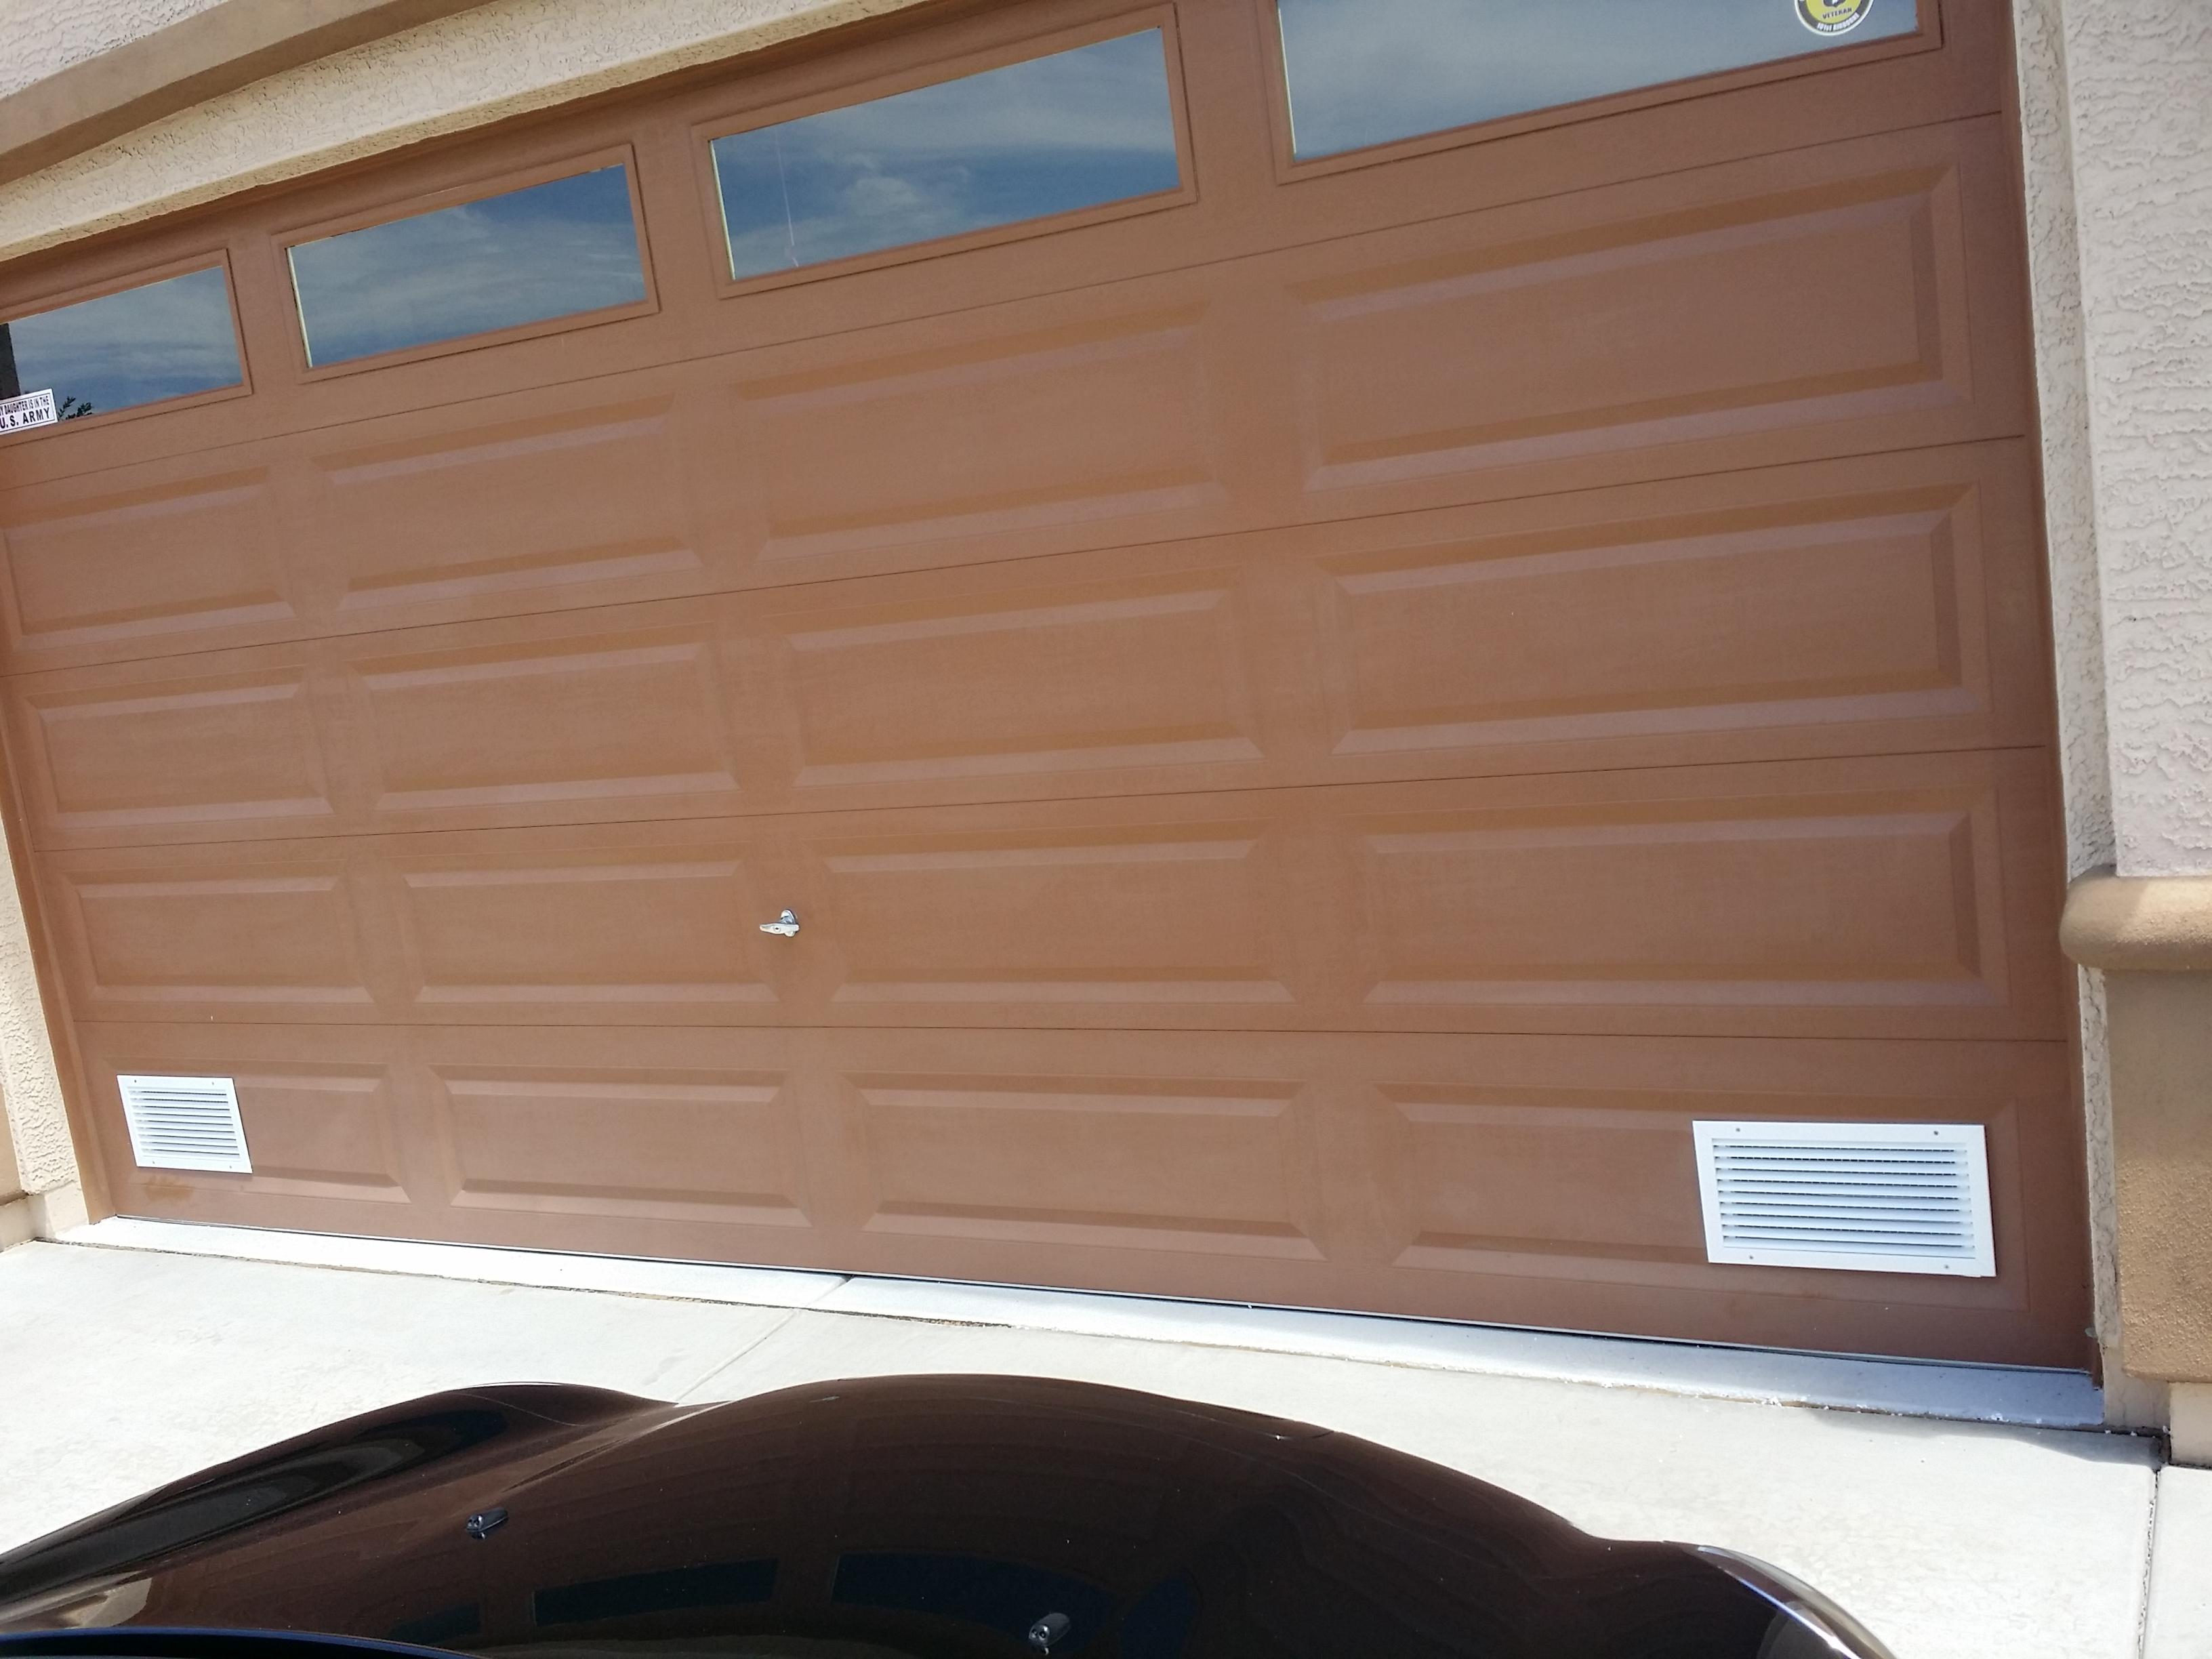 Aluminum Air Intake Vent Cool My Garage